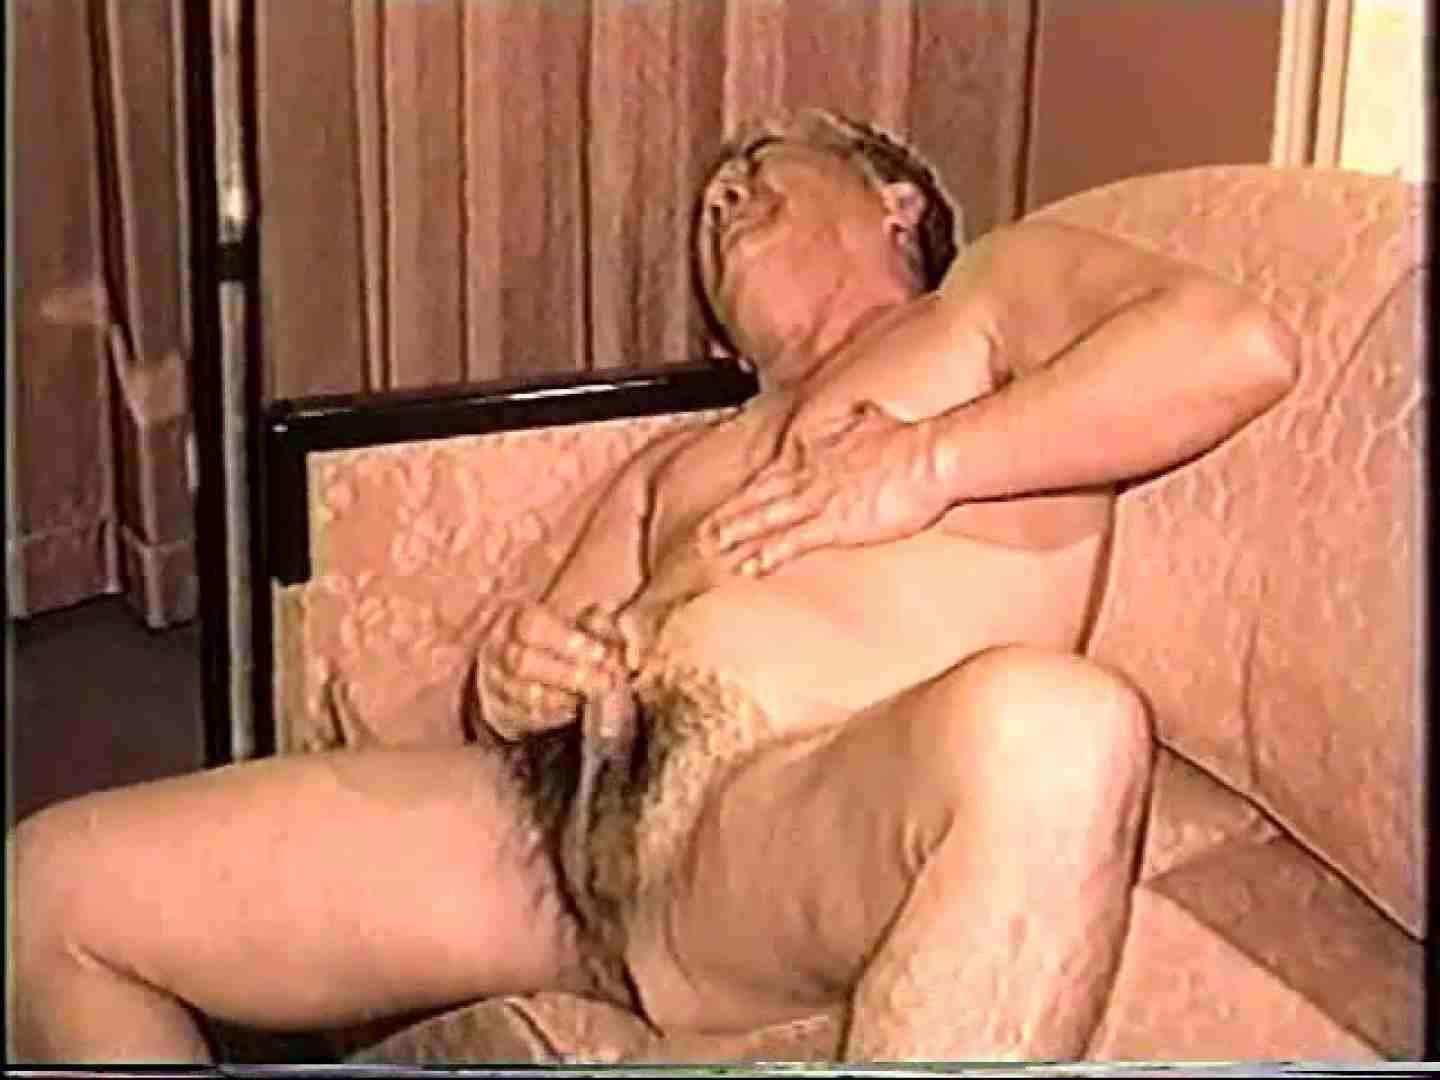 会社役員禁断の情事VOL.16 アナル舐め舐め ゲイアダルト画像 85pic 38